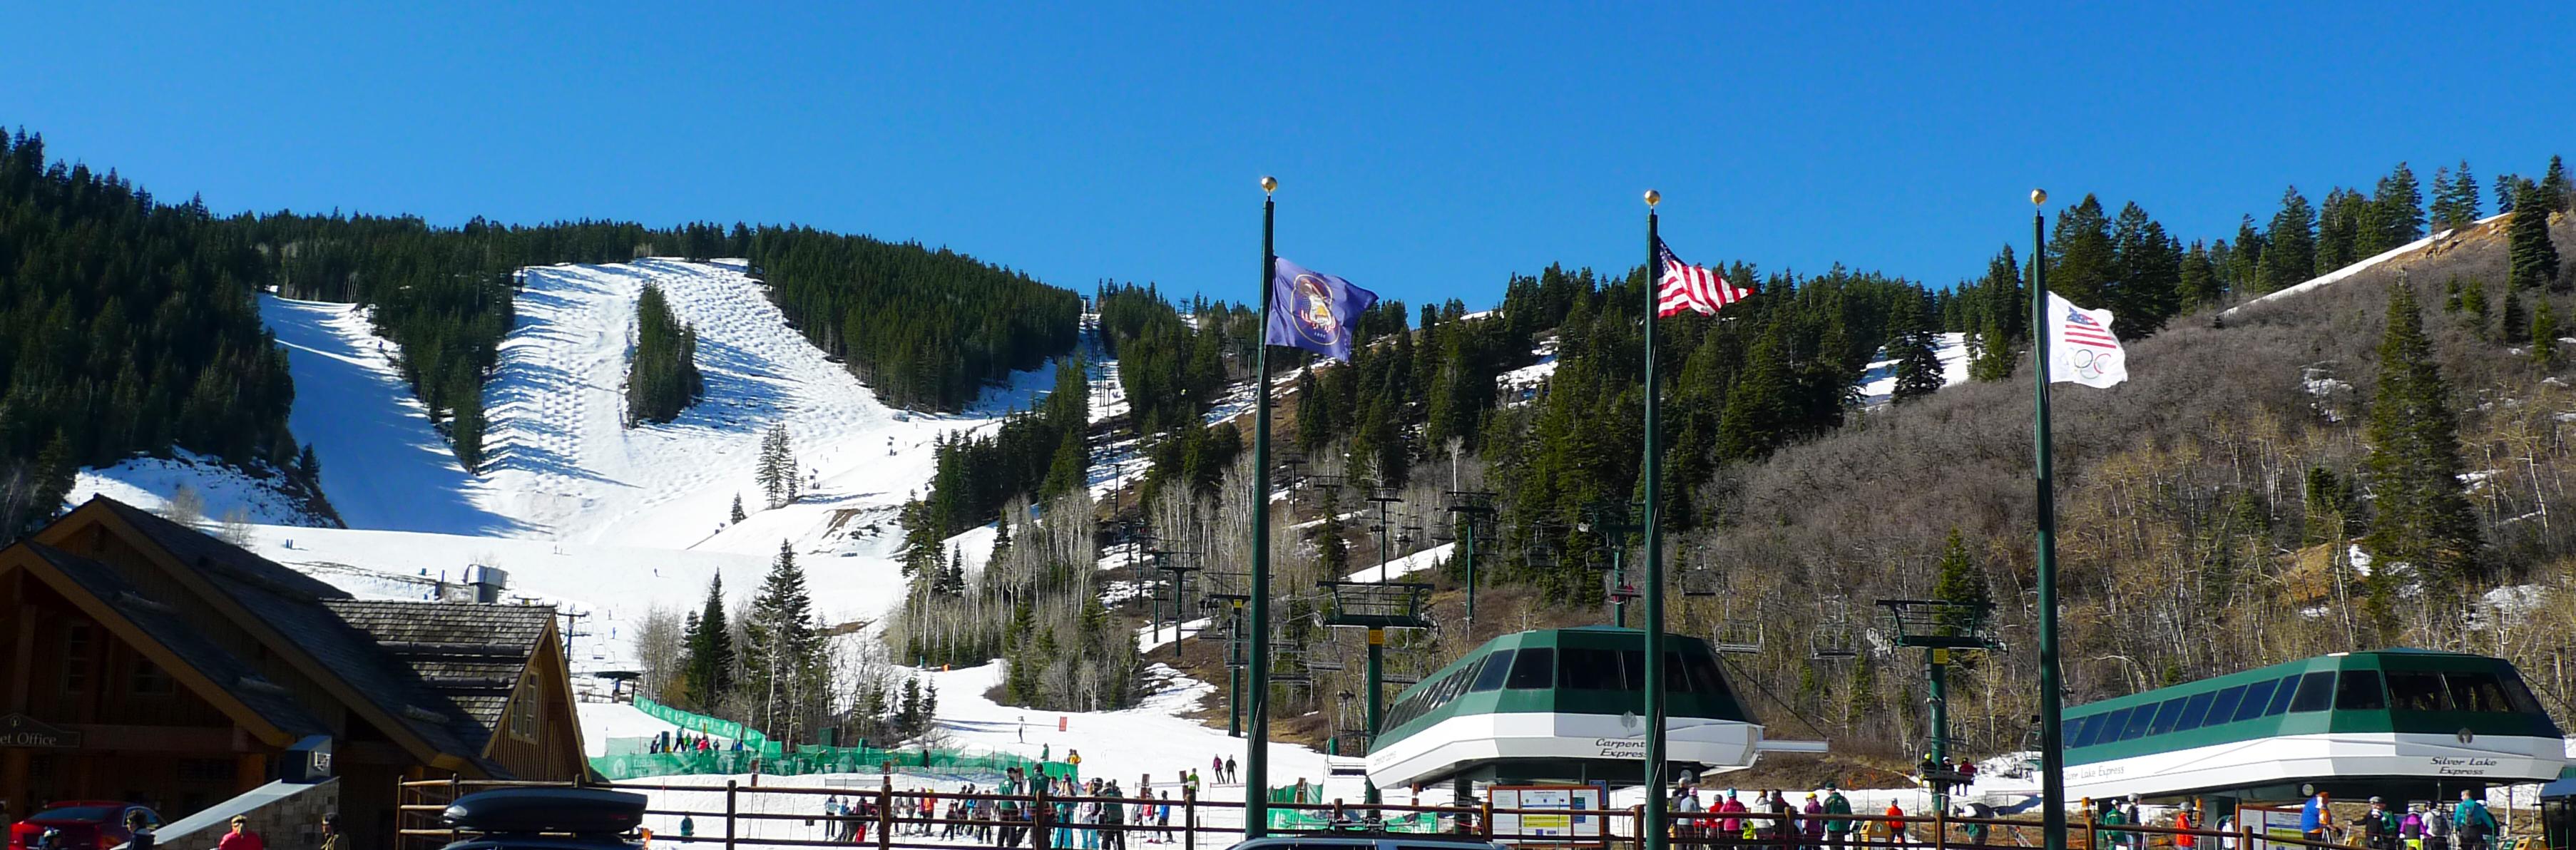 file:deer valley ski resort park city utah photo d ramey logan